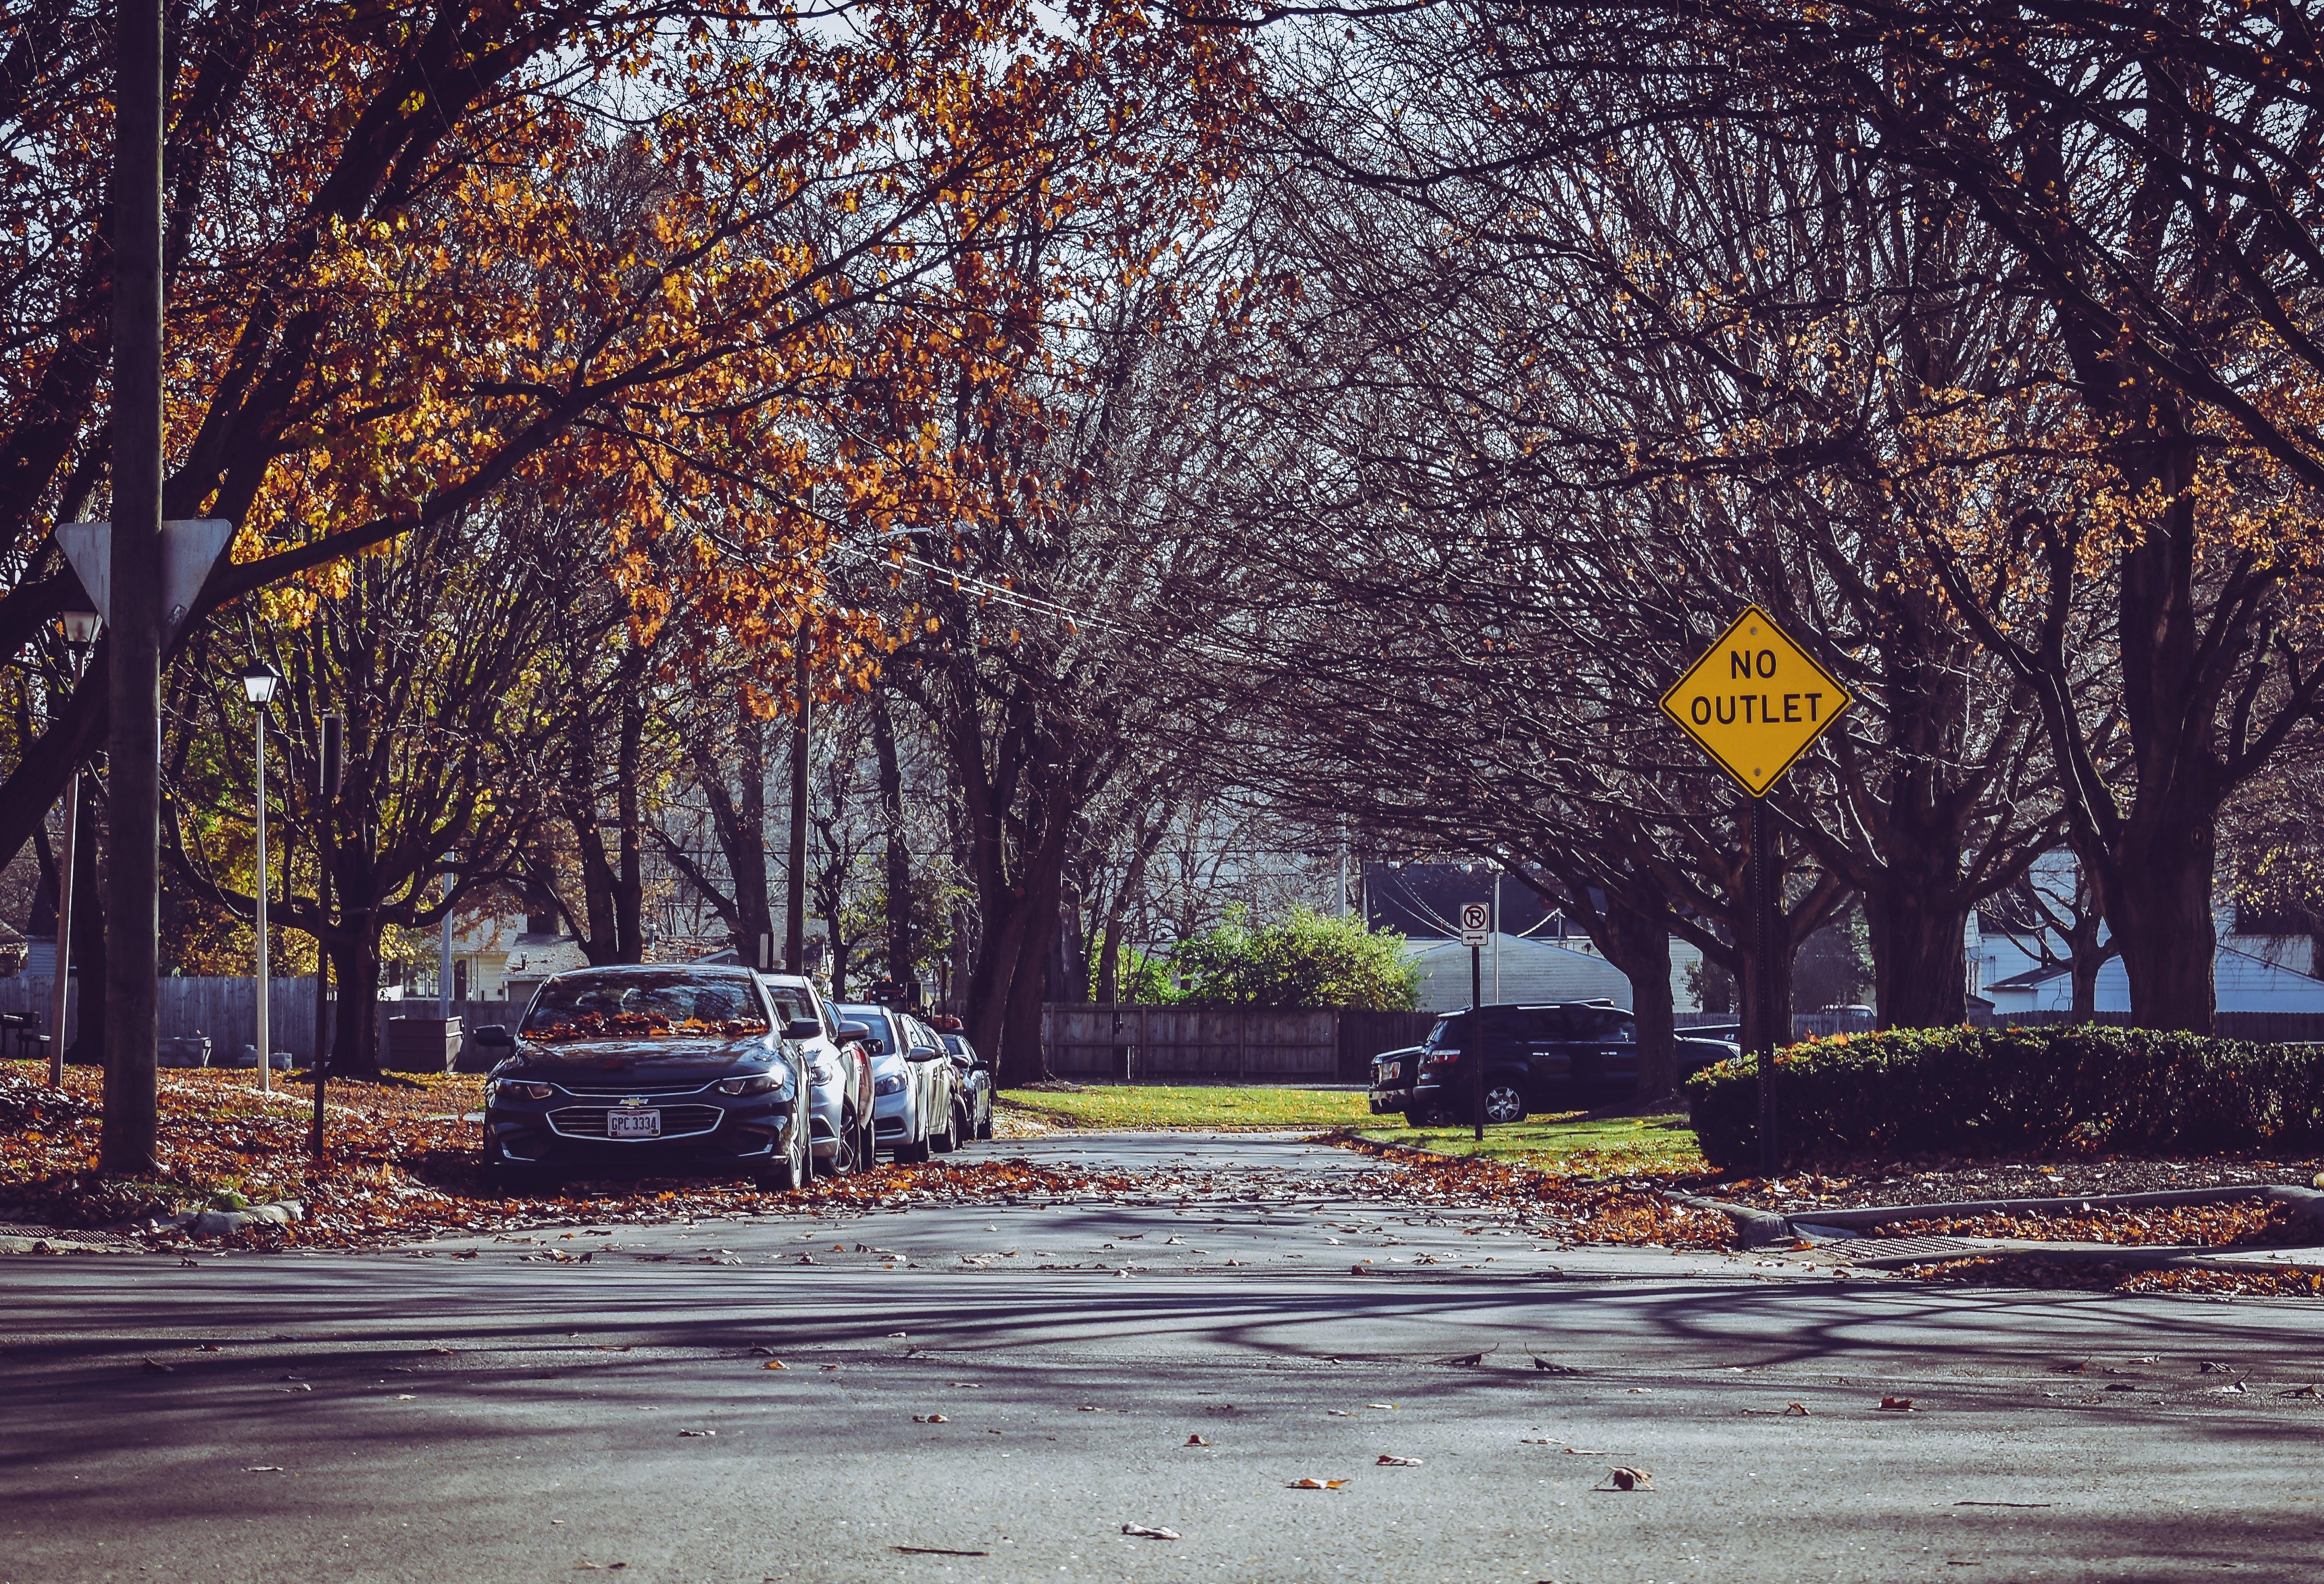 거리, 계절, 나무, 도로의 무료 스톡 사진